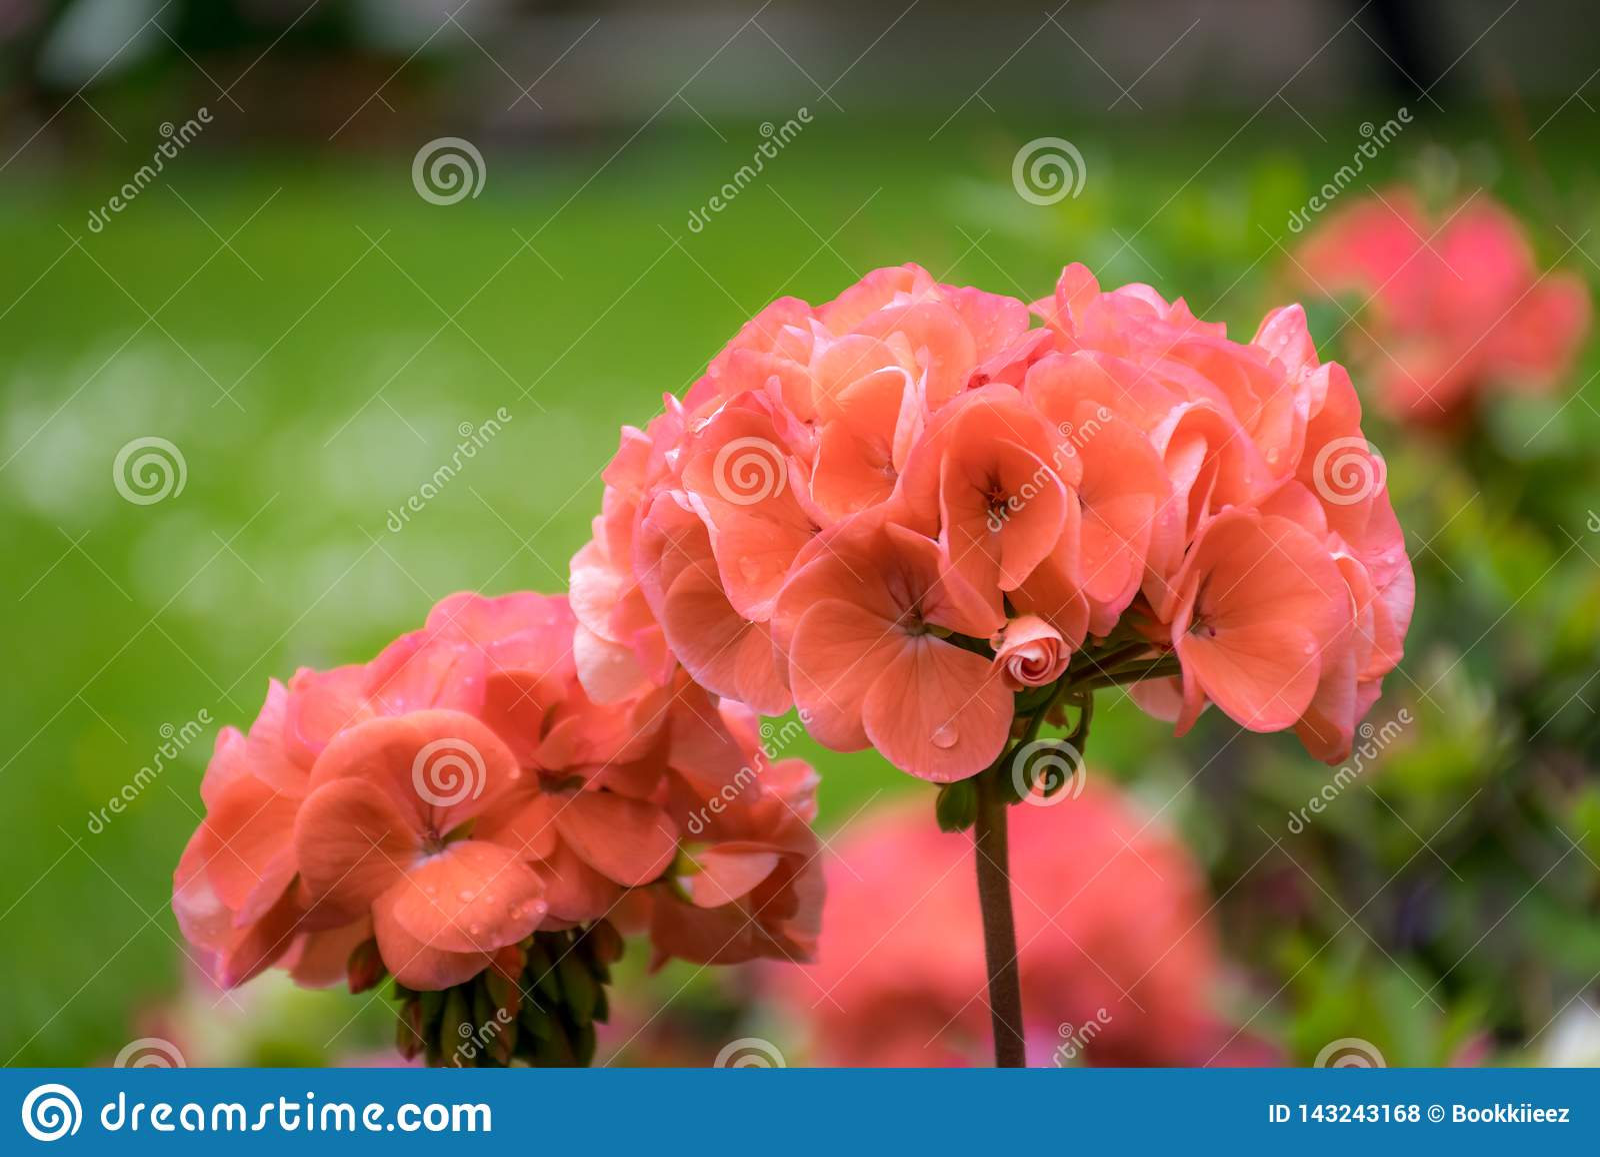 Feche acima das flores vermelhas do gerânio no jardim